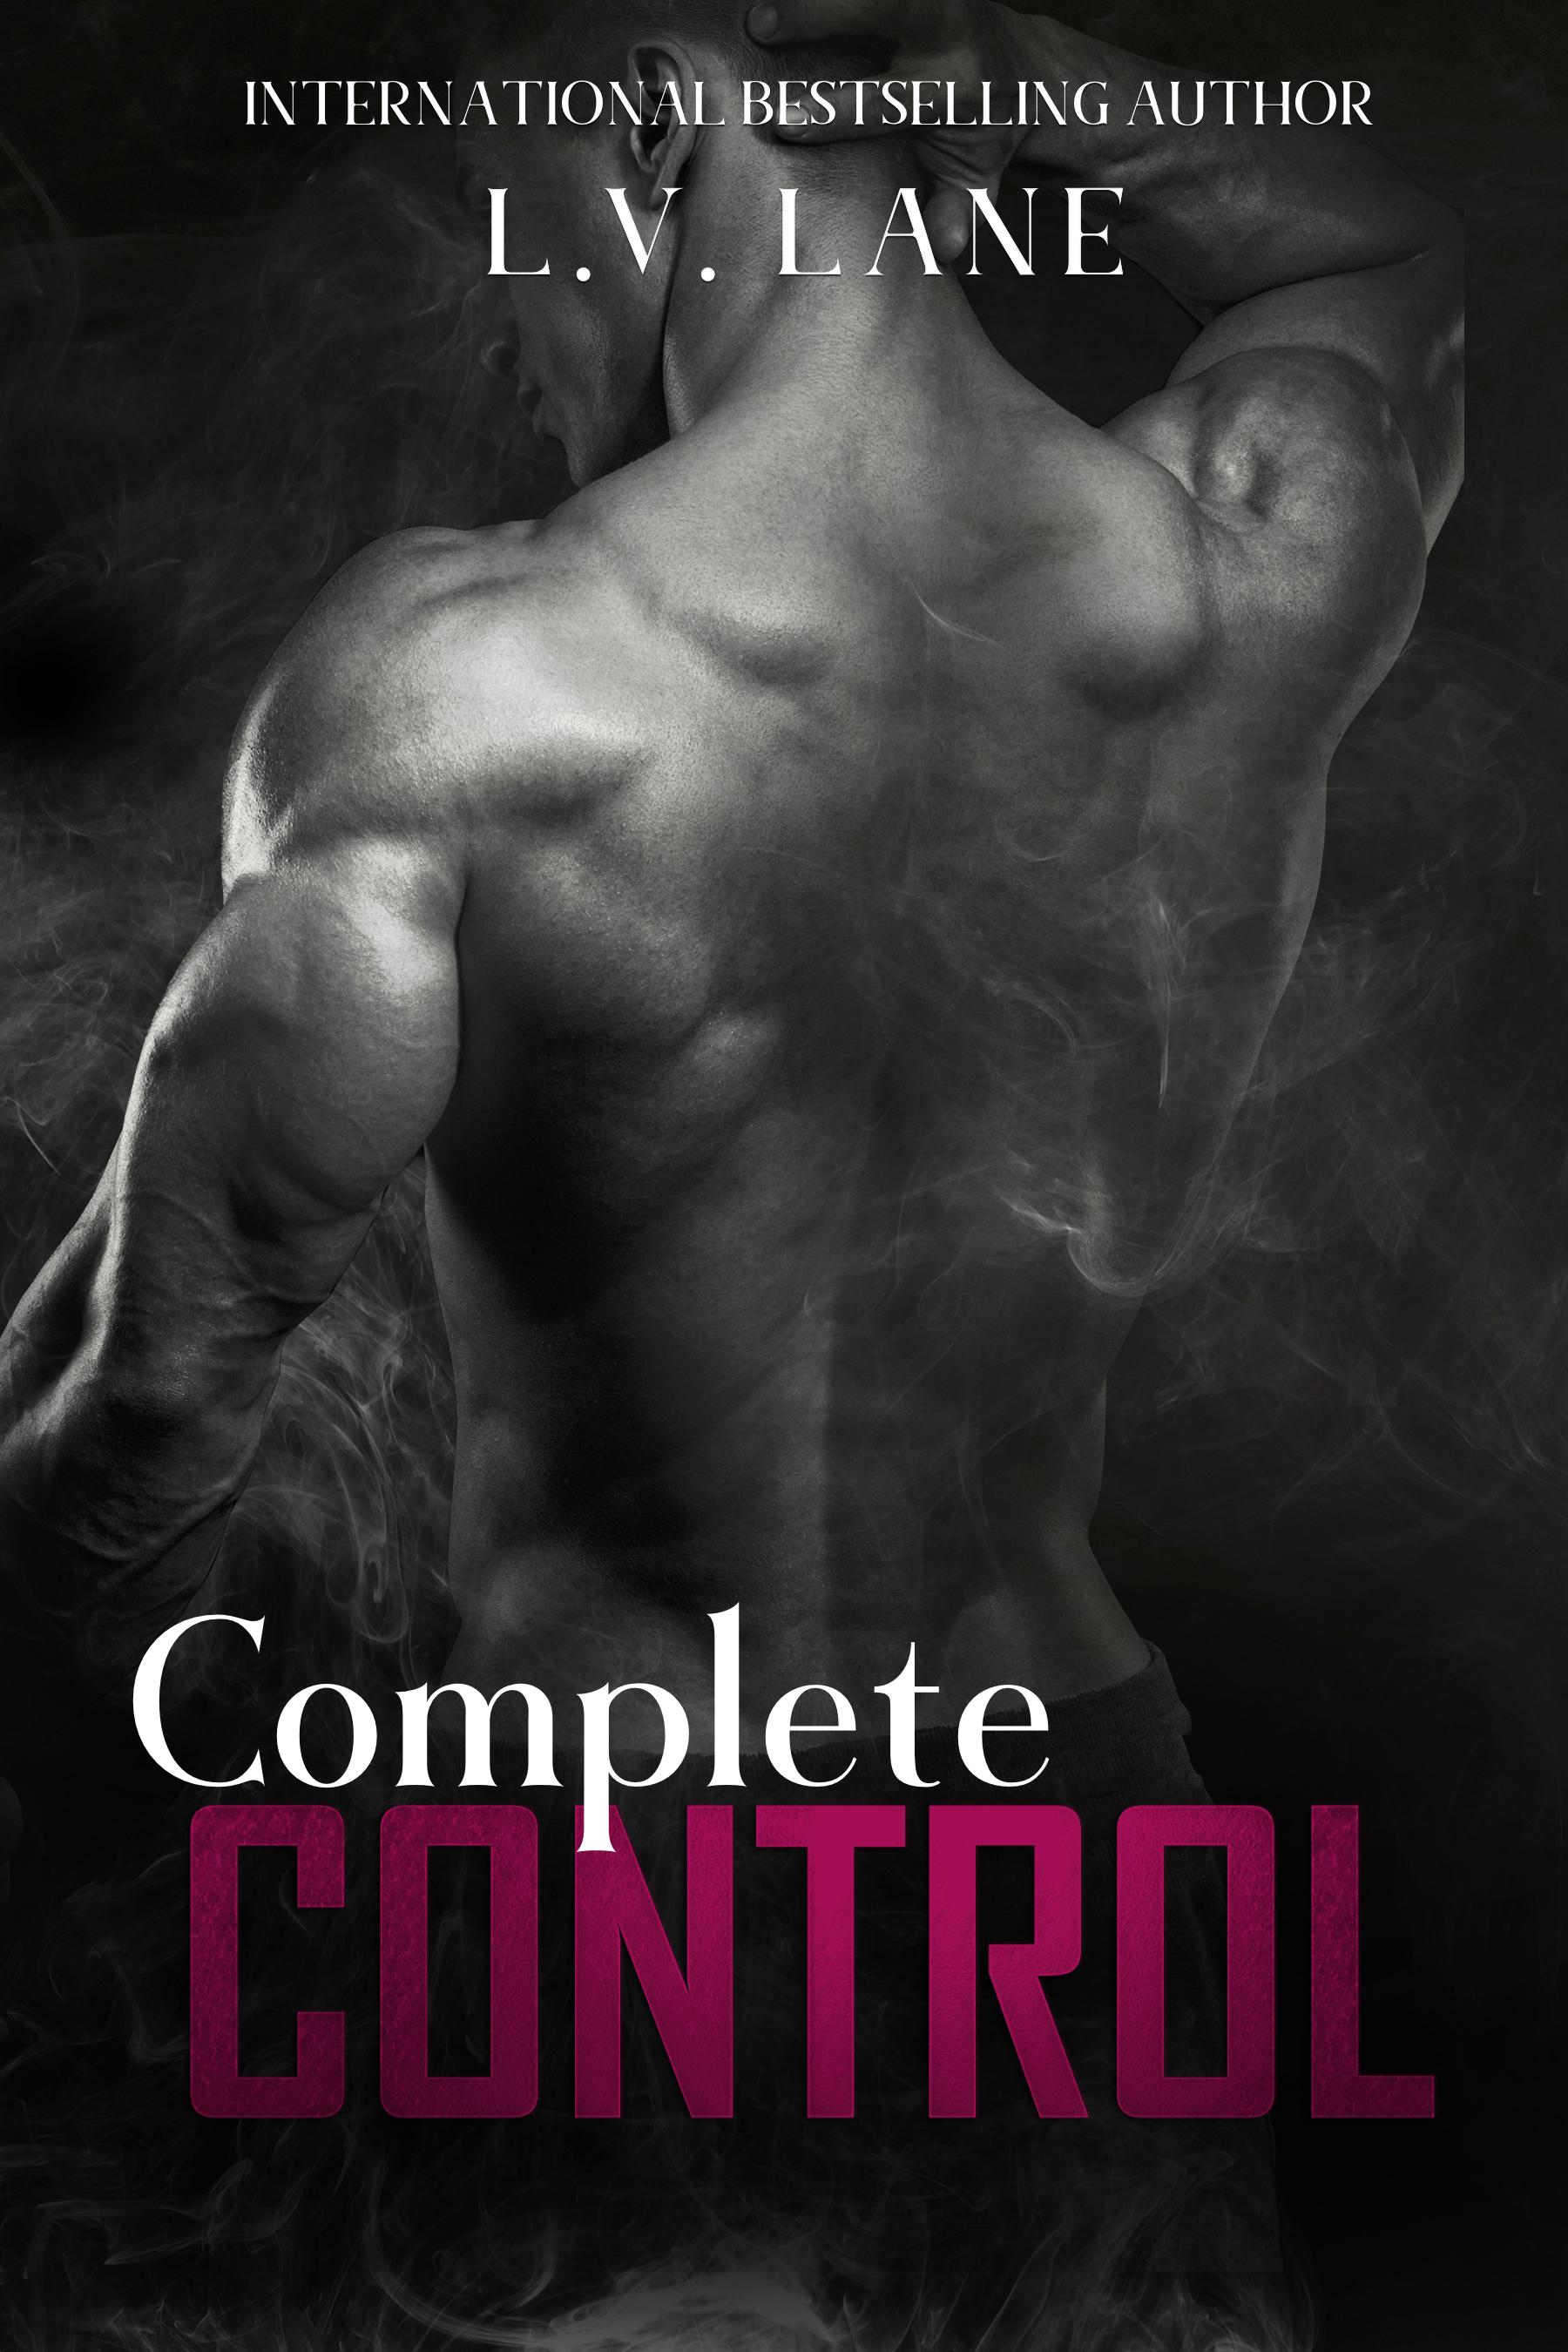 Complete-e-bookv2